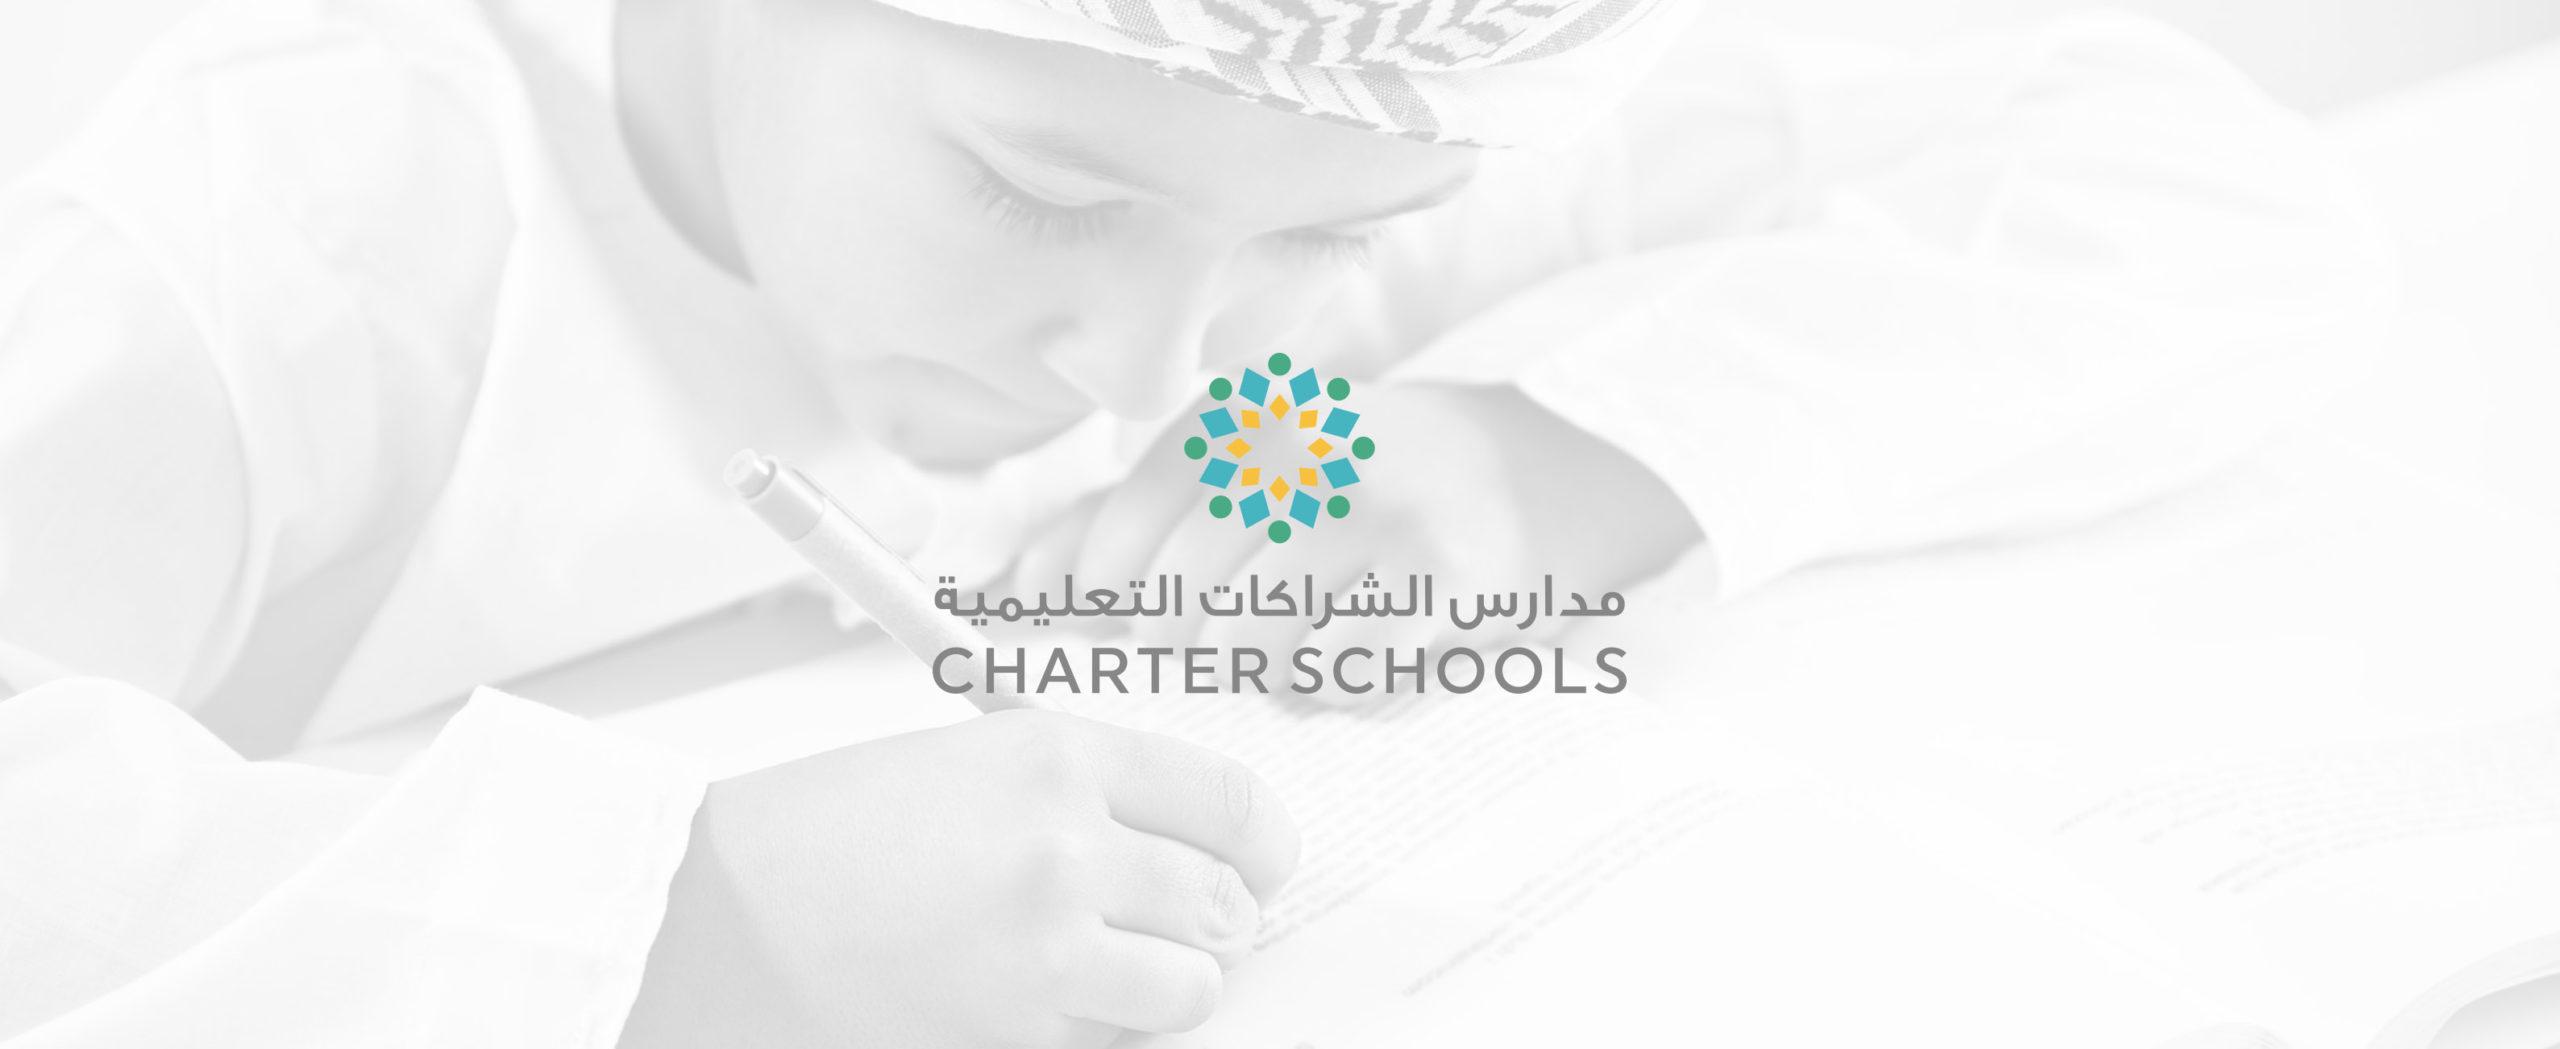 charter-schools-branding-logo-1